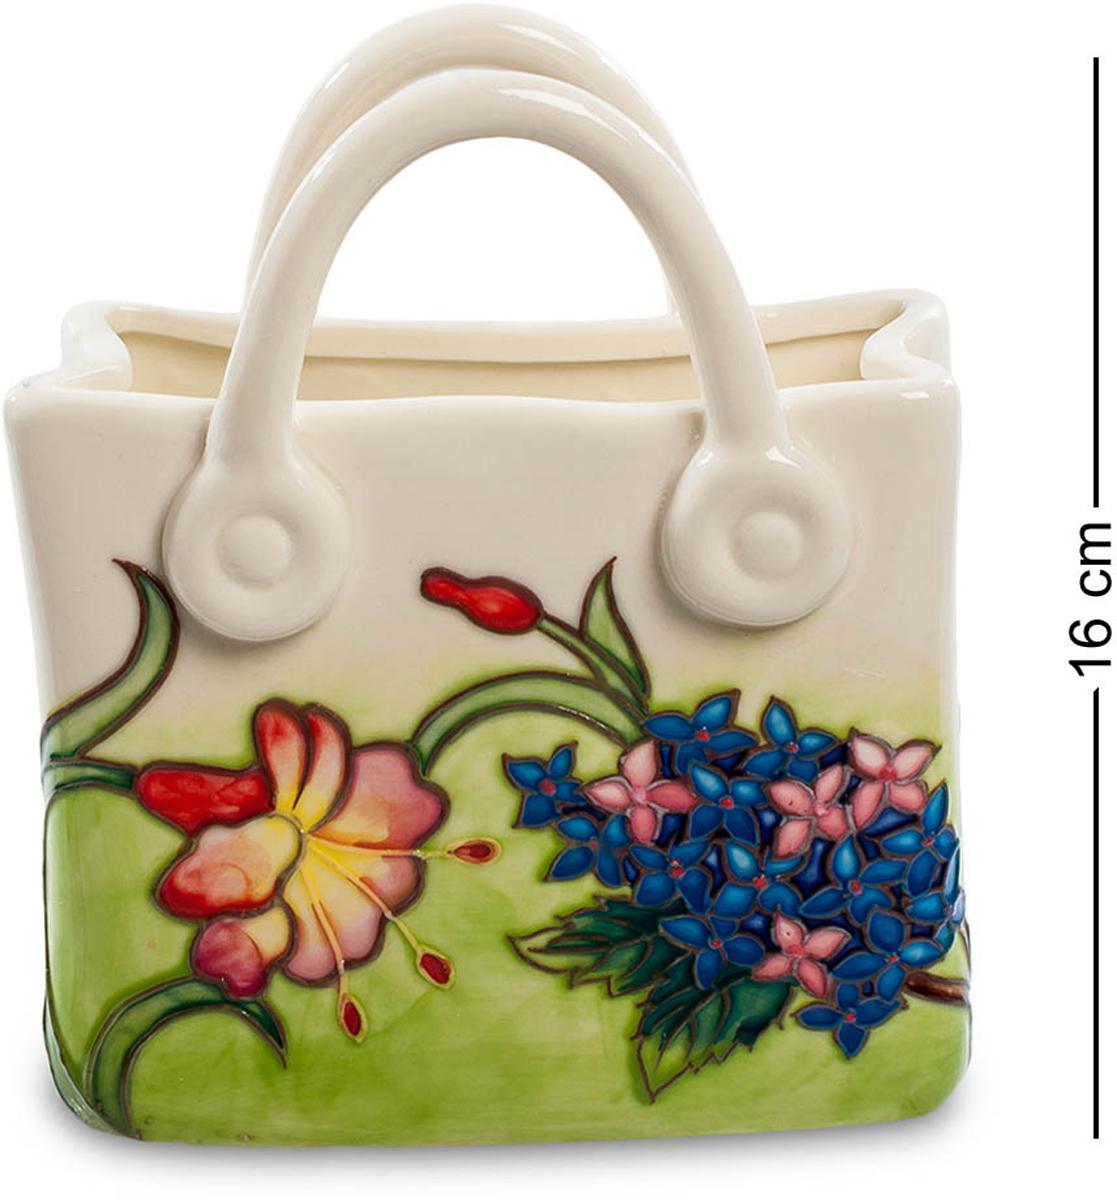 Ваза-кашпо Pavone Сумочка. JP-800/28FS-91909Ваза-кашпо Сумочка (Pavone)Ну почему бы не подарить сумочку, полную цветов! Корзины же с цветами дарят. Вот эта сумочка – не для выхода в свет, ее назначение – только цветы. Эта фарфоровая емкость представляет собой вазу для цветов, в которую можно налить воды и заполнить пространство целой охапкой цветов. Но даже если в вазу ничего не поставлено, она сама напоминает клумбу с цветами – по ее поверхности на бледно-зеленом травяном фоне расположены разнообразные цветы, мелкие и крупные, с листьями и веточками. Над ними птички порхают – настоящий летний пейзаж, о котором приятно будет подумать суровой зимой. Подарите вечное лето – что может быть лучше!